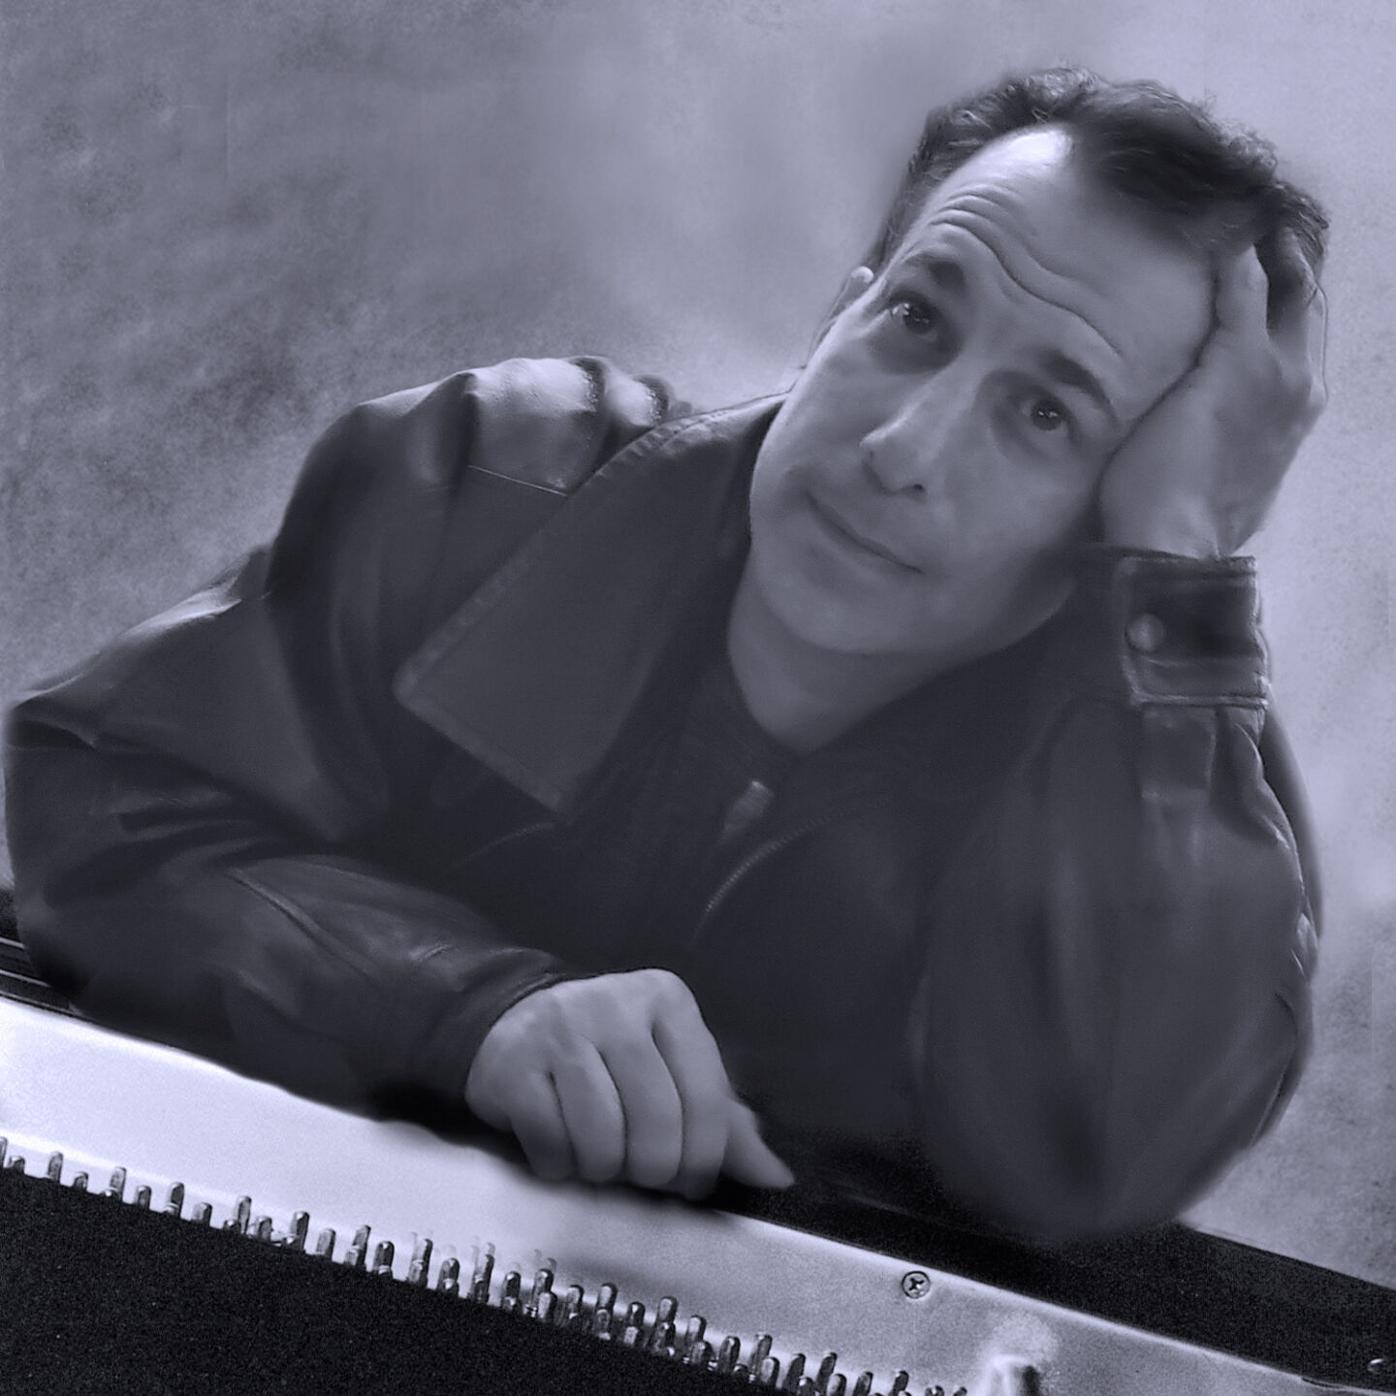 Streetlife Serenader brings Billy Joel tribute to Gulf Theater